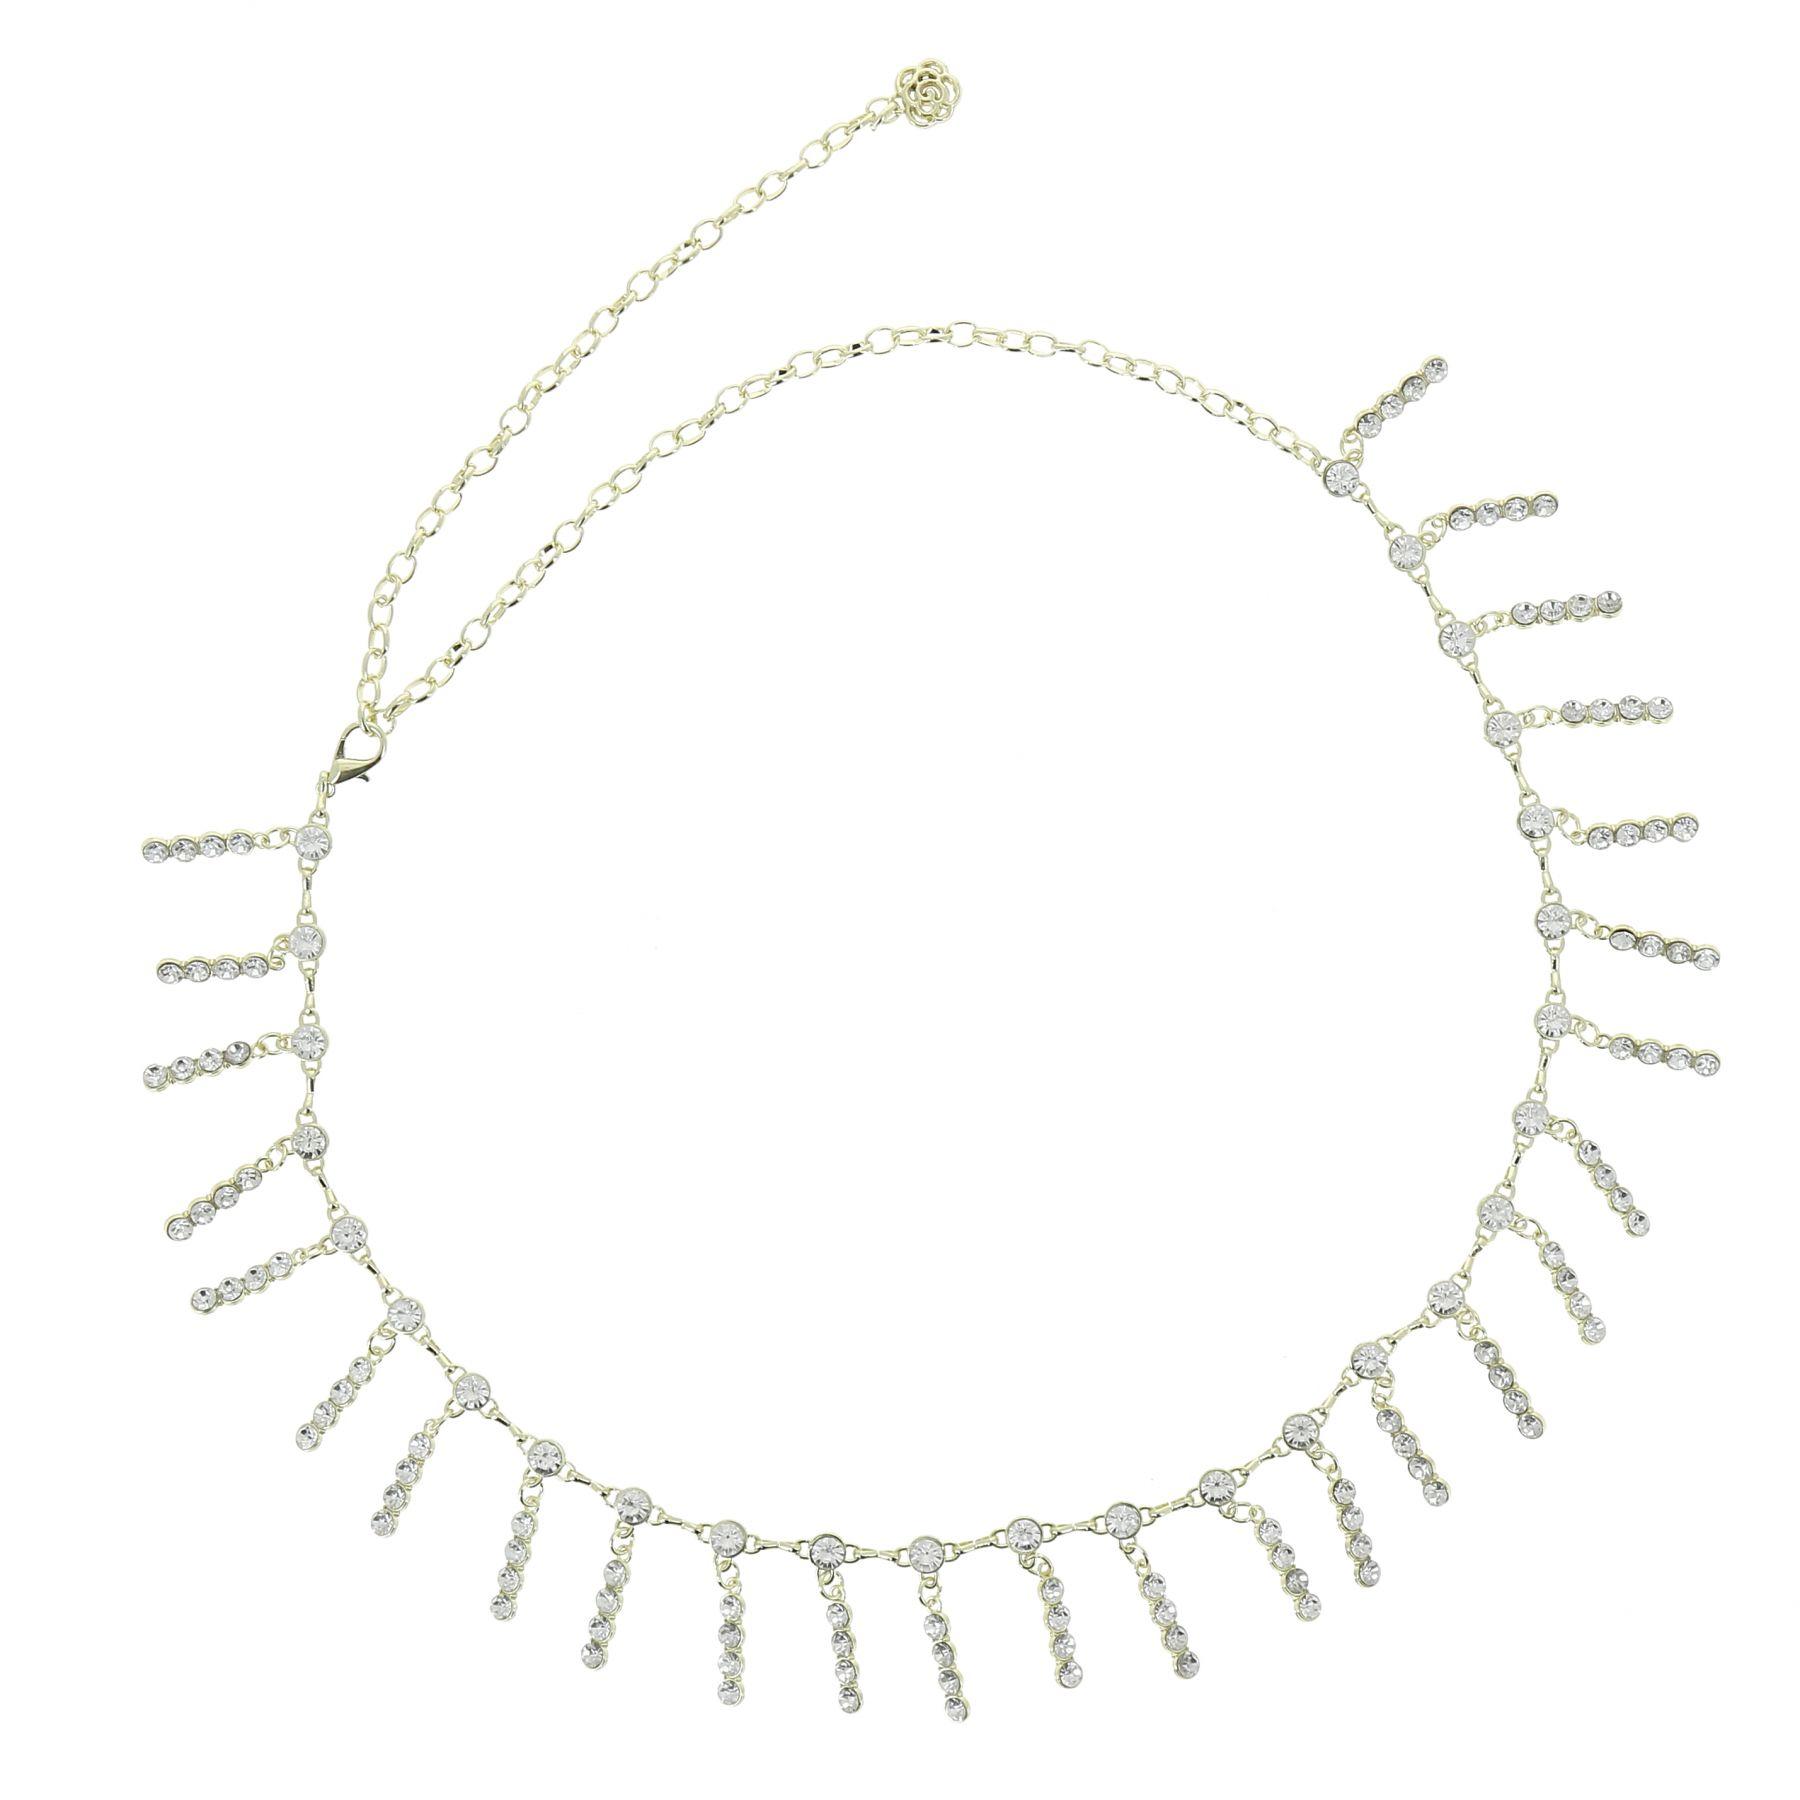 Ceinture chaîne pendantes à strass pour femme, taille réglable SALLY. Loading  zoom 1ac0beaf388